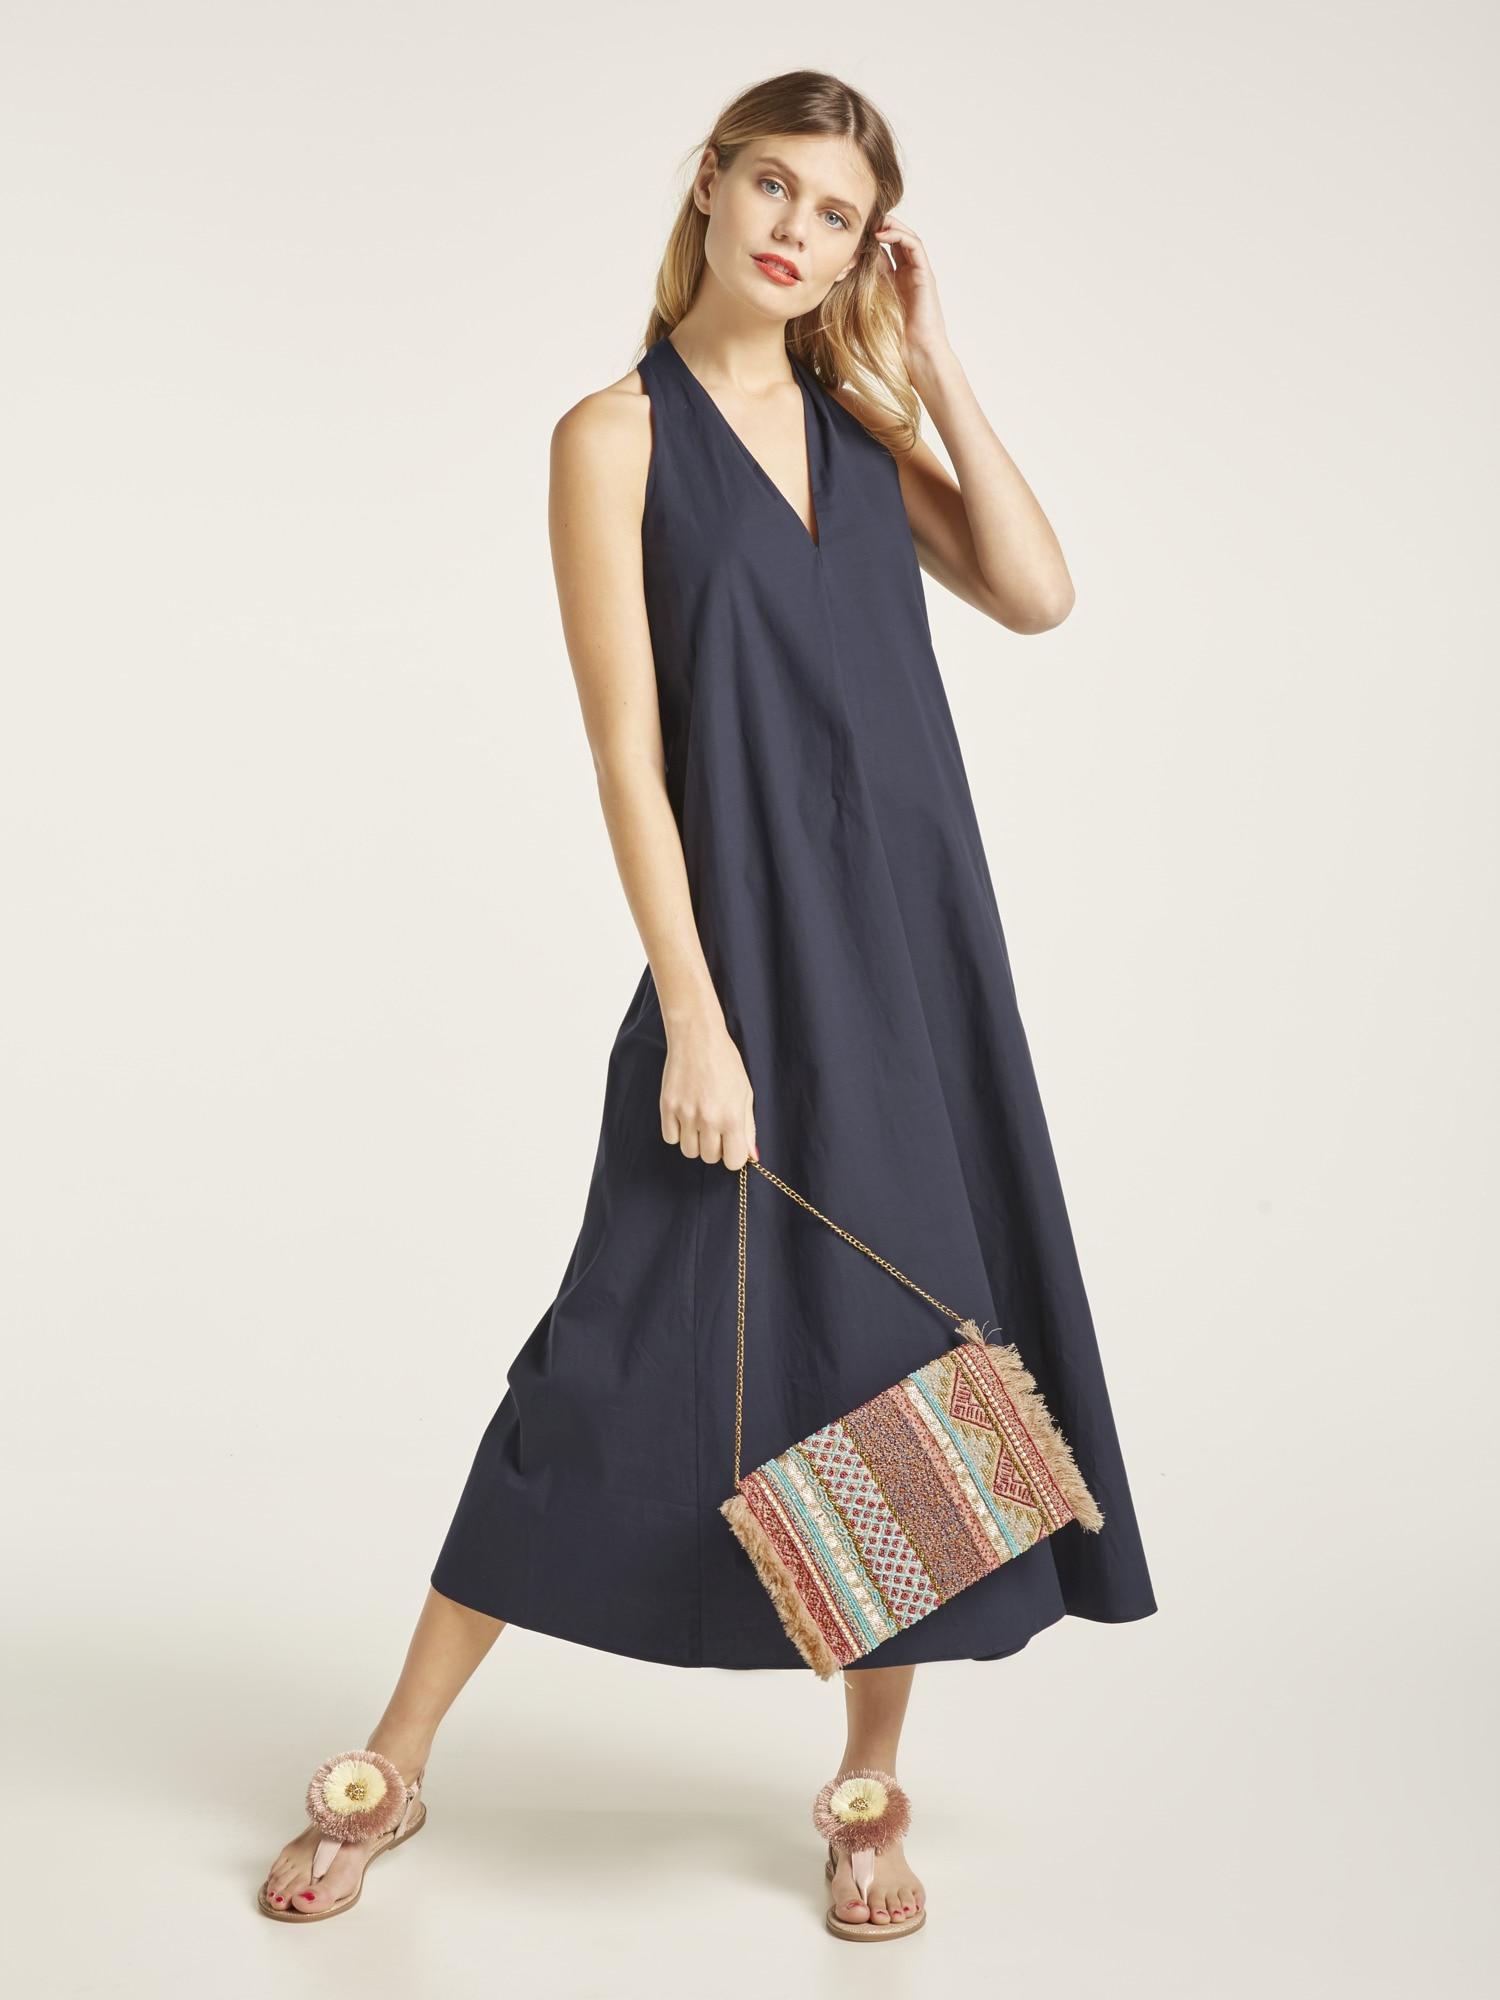 b61d89f7775474 Bildquelle: heine STYLE Kleid mit tiefem V-Ausschnitt